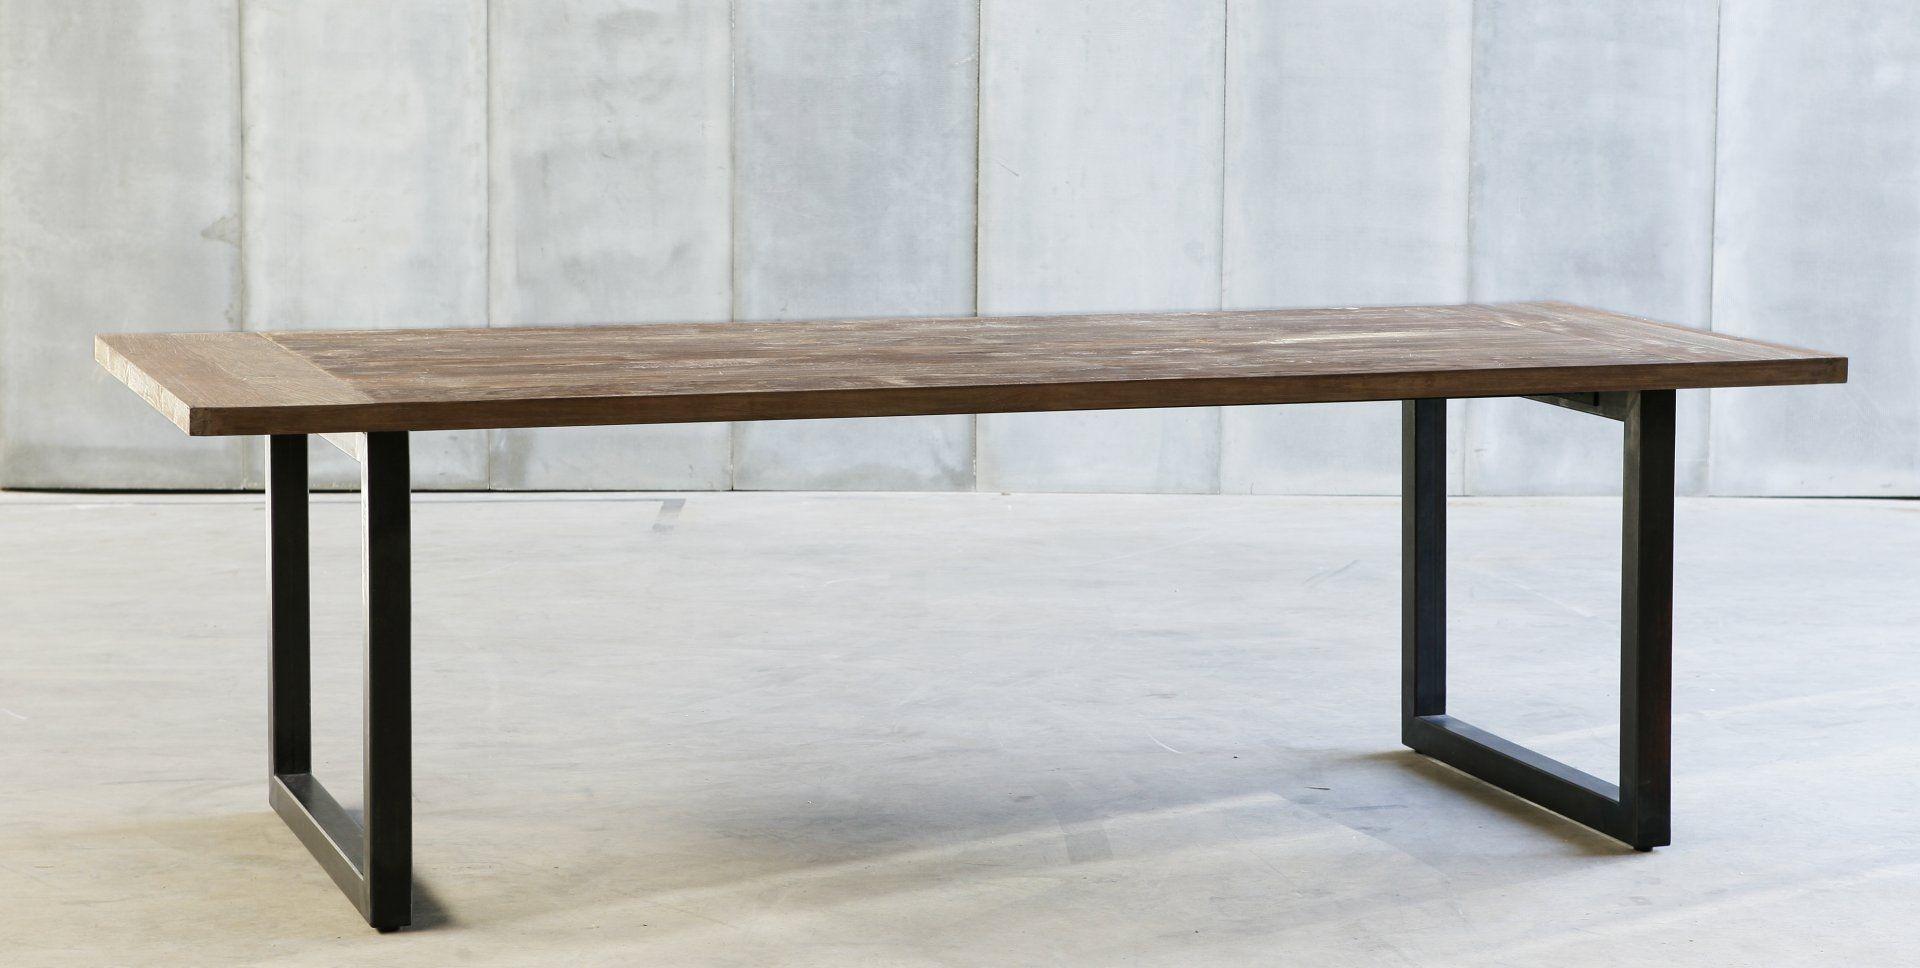 Bezaubernd Esstisch Holz Metall Referenz Von Billig Design